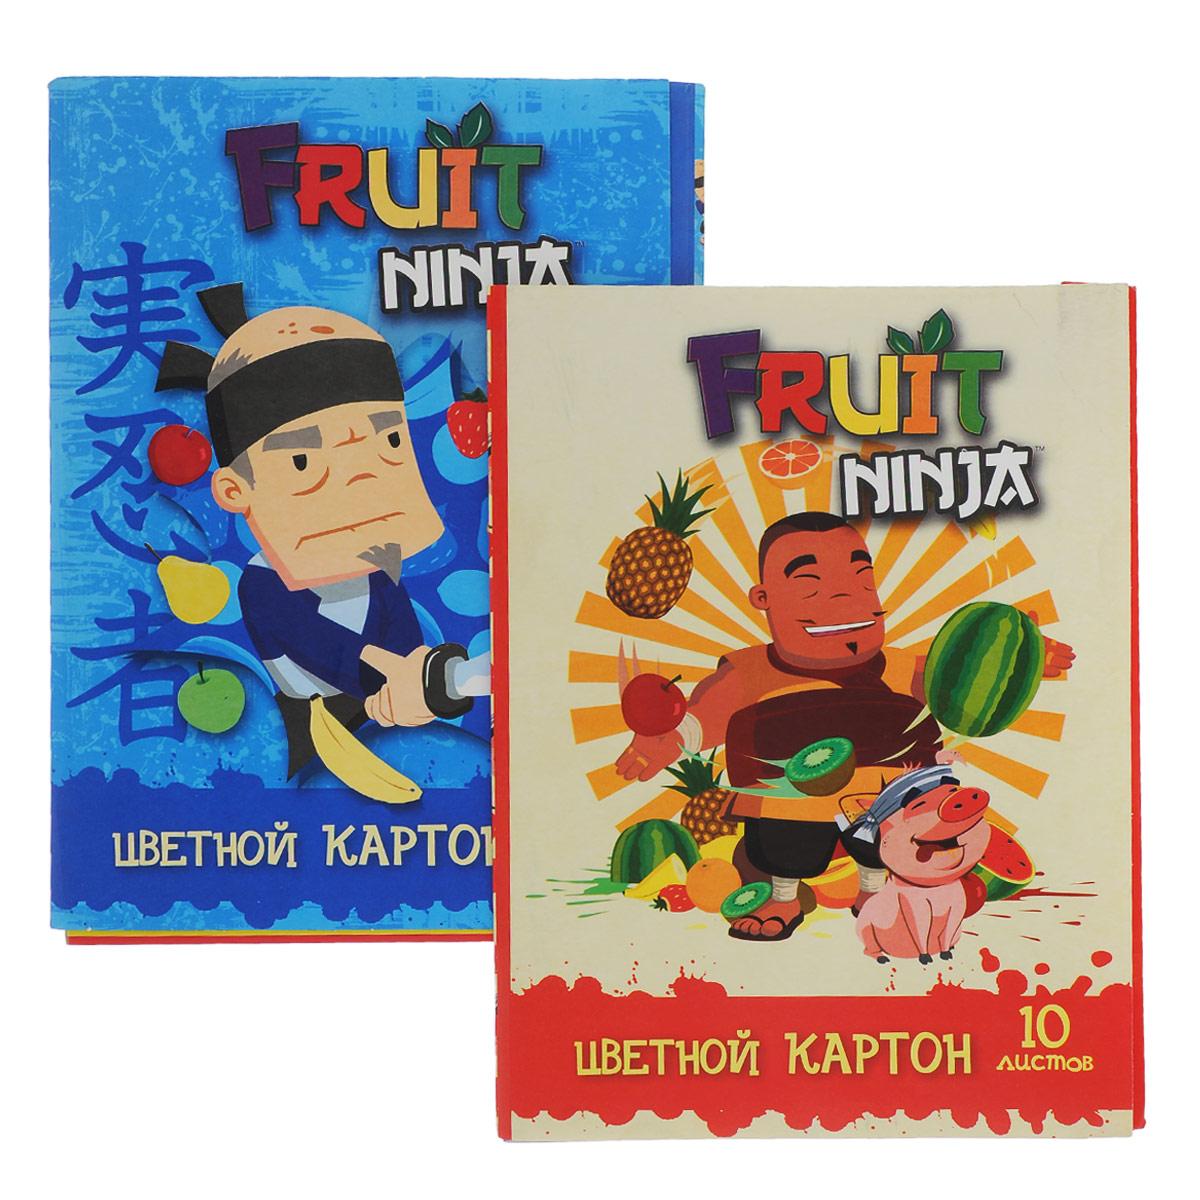 Набор цветного картона Action!: Fruit Ninja, 20 цв, формат А4 -упаковка-2дизайнаFN-CC-10/10Набор цветного картона Action!: Fruit Ninja позволит создавать всевозможные аппликации и поделки. Набор включает 20 листов одностороннего цветного картона формата А4. Цвета: желтый, красный, золотистый, серебристый, синий, коричневый, белый, оранжевый, зеленый, черный.Создание поделок из цветного картона позволяет ребенку развивать творческие способности, кроме того, это увлекательный досуг. Набор упакован в картонную папку с изображением Fruit Ninja.УВАЖАЕМЫЕ КЛИЕНТЫ! Обращаем ваше внимание на возможные изменения в дизайне, связанные с ассортиментом продукции: обложки альбомов могут отличаться от представленных на изображениях. Поставка осуществляется в зависимости от наличия на складе.